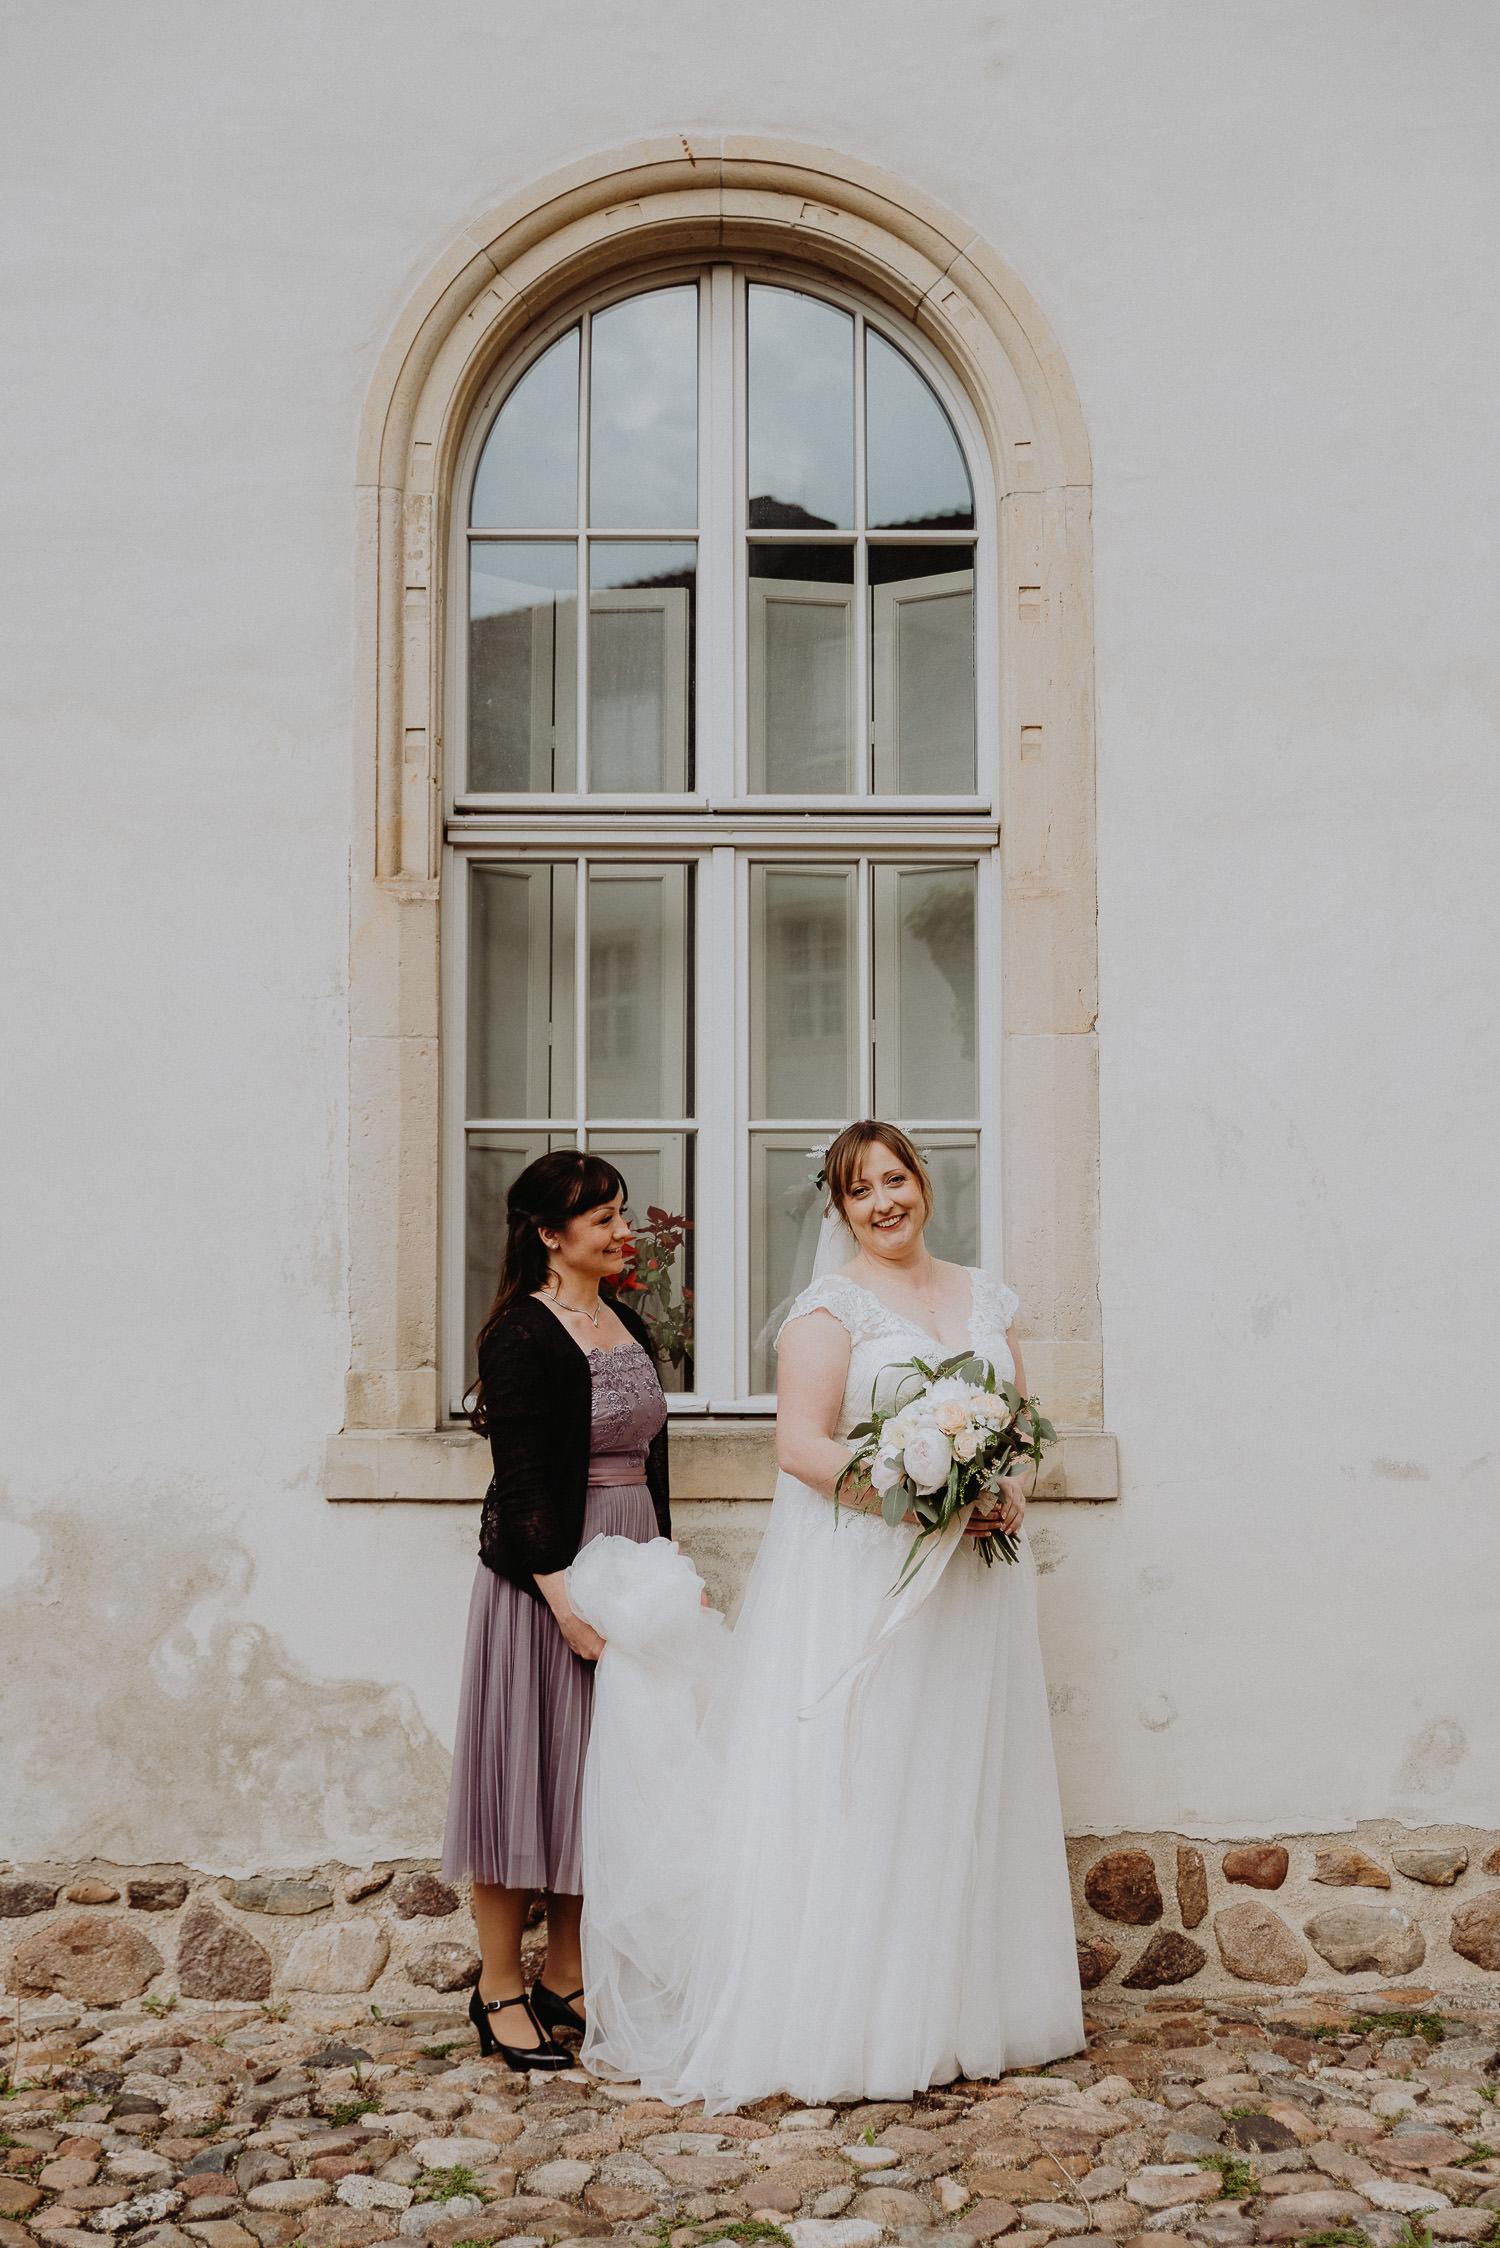 Scheunen-Hochzeit-Alte-Schmiede-Niemegk-by-Steven-Schwanz-17